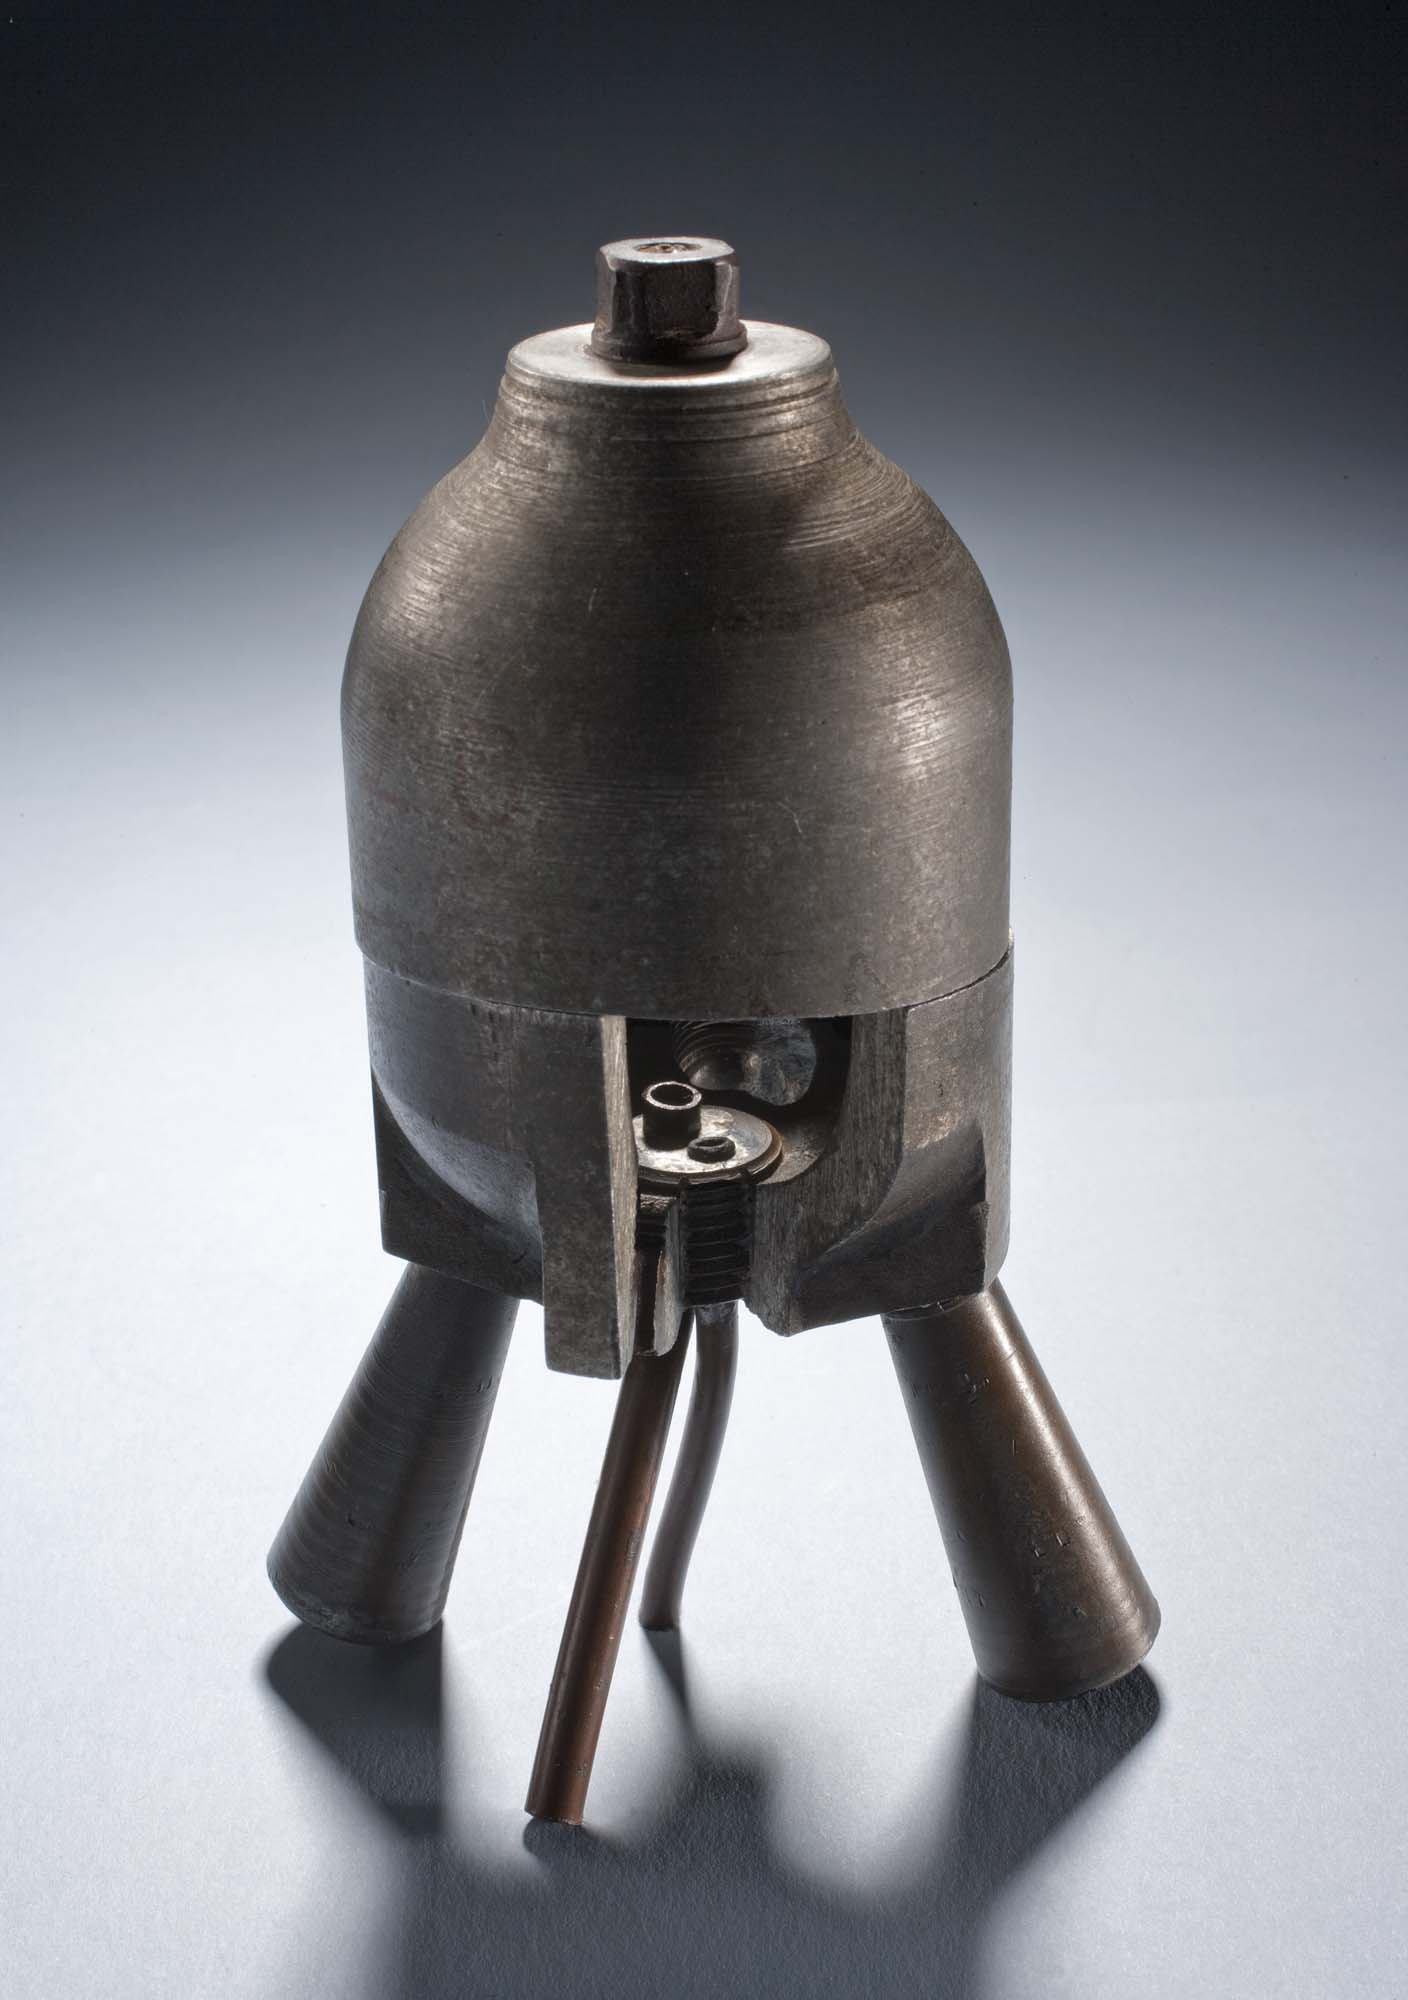 ARS Rocket Motor No. 4